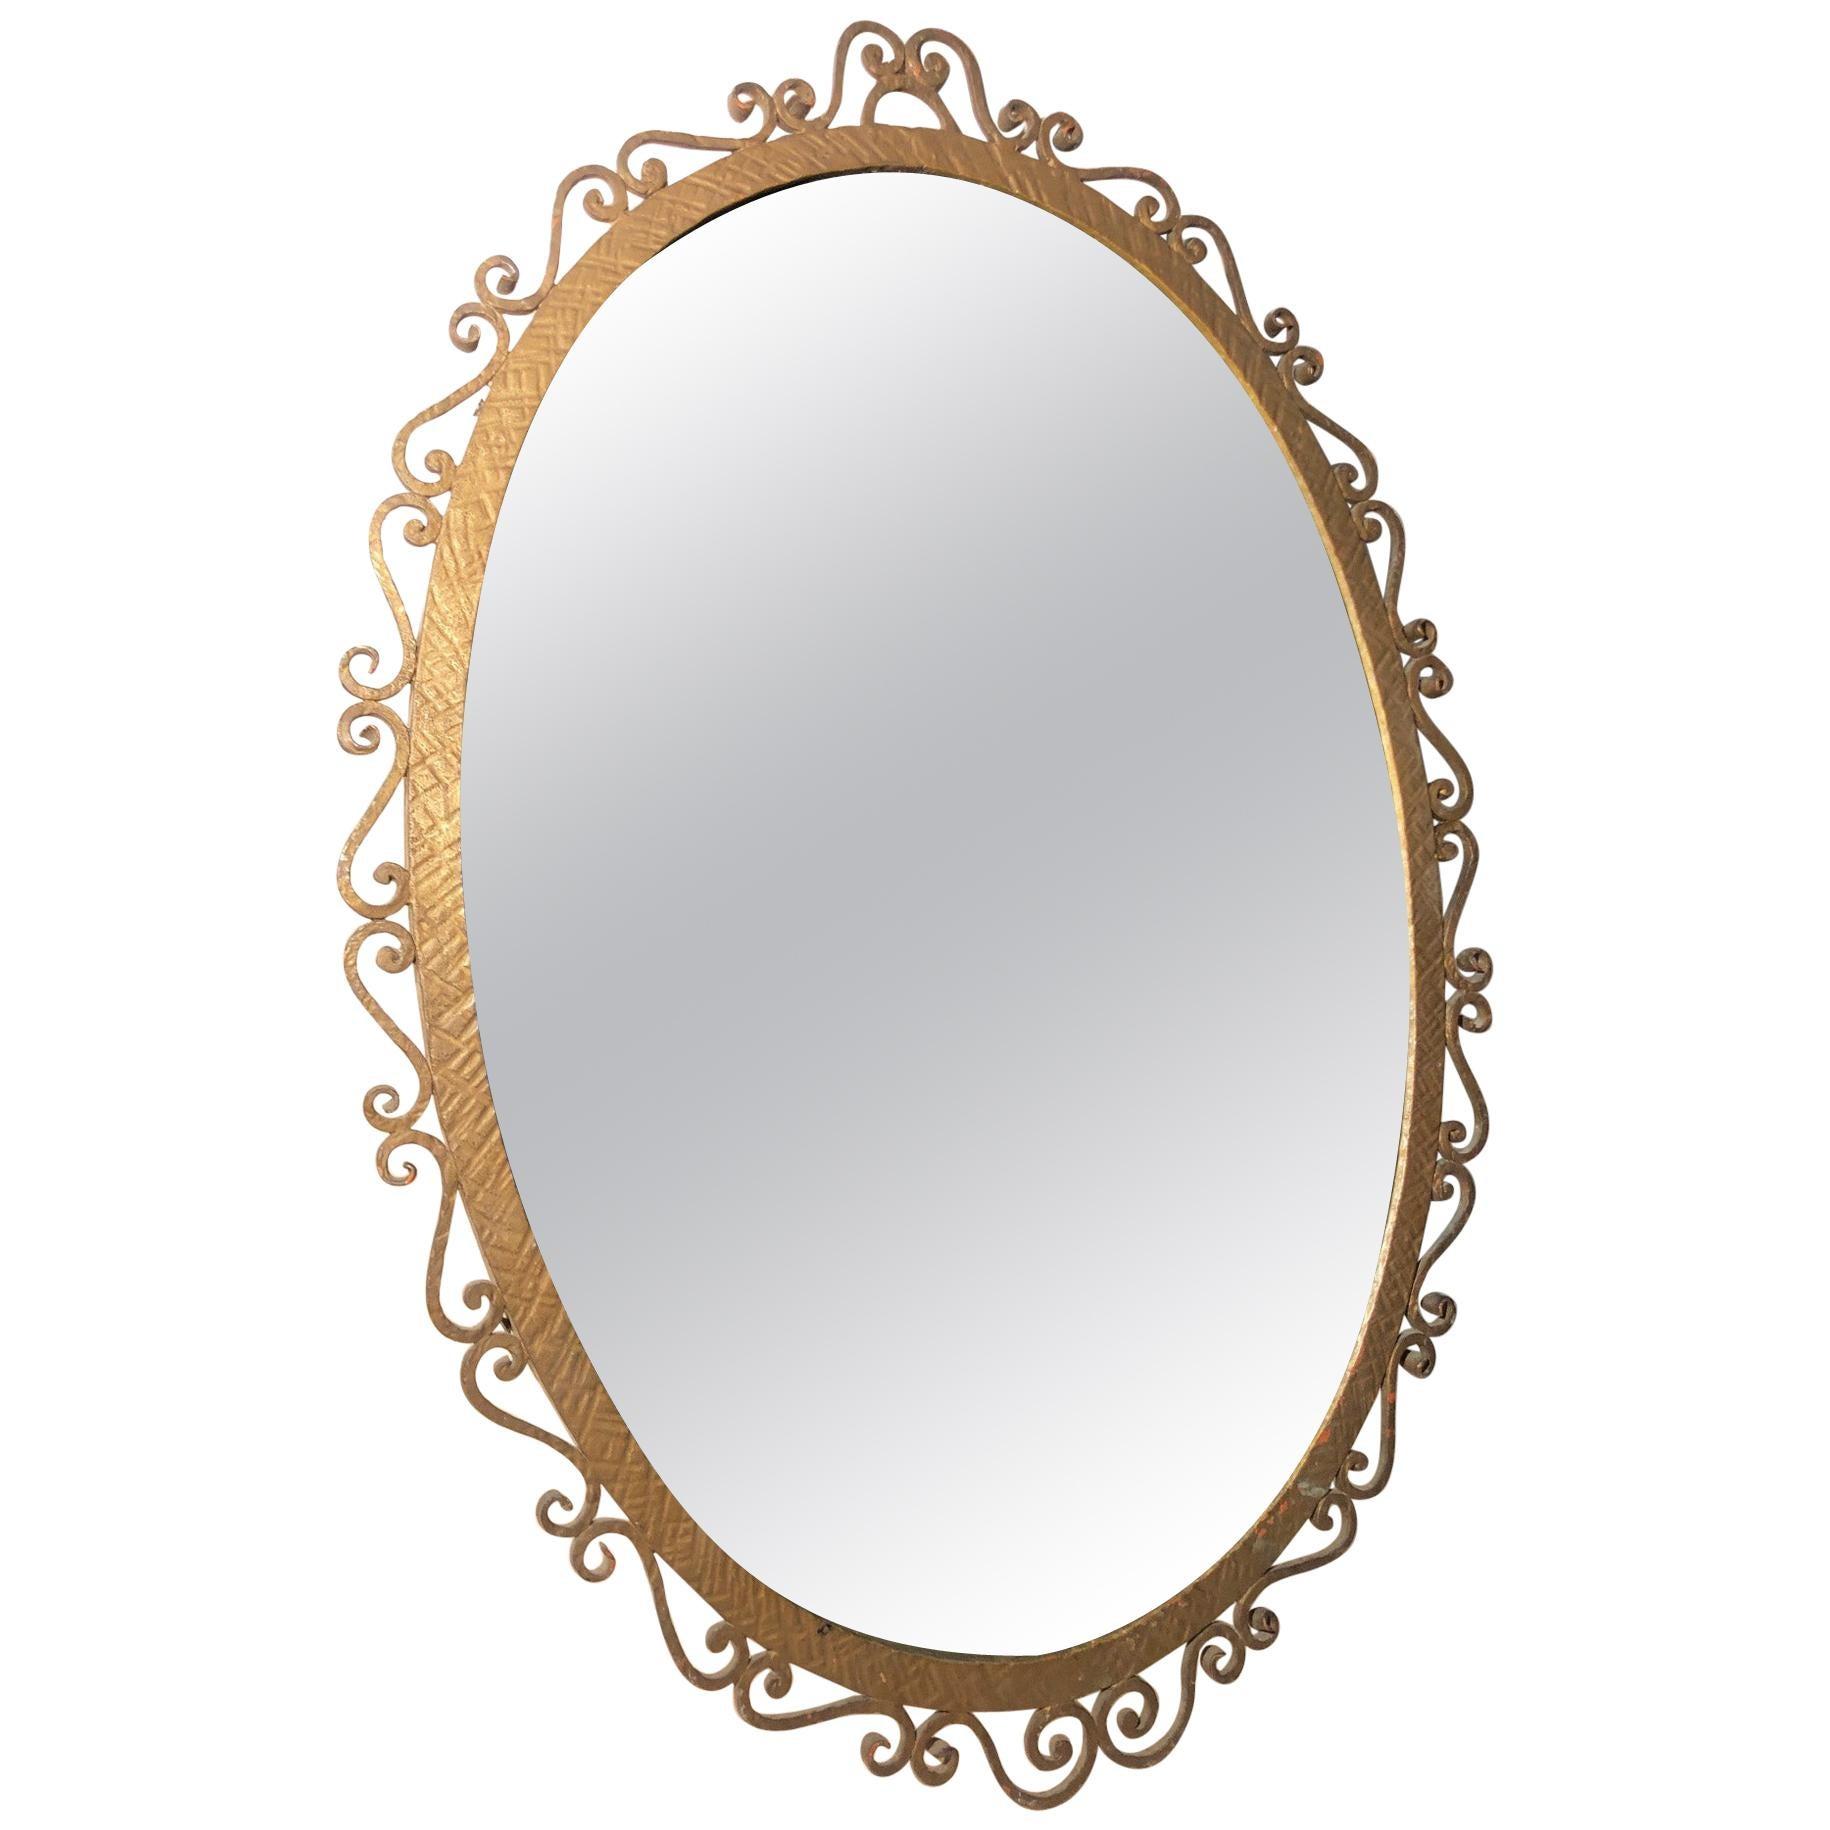 Oval Mirror Metal 1977 Original from Viareggio, Tuscany, Italy